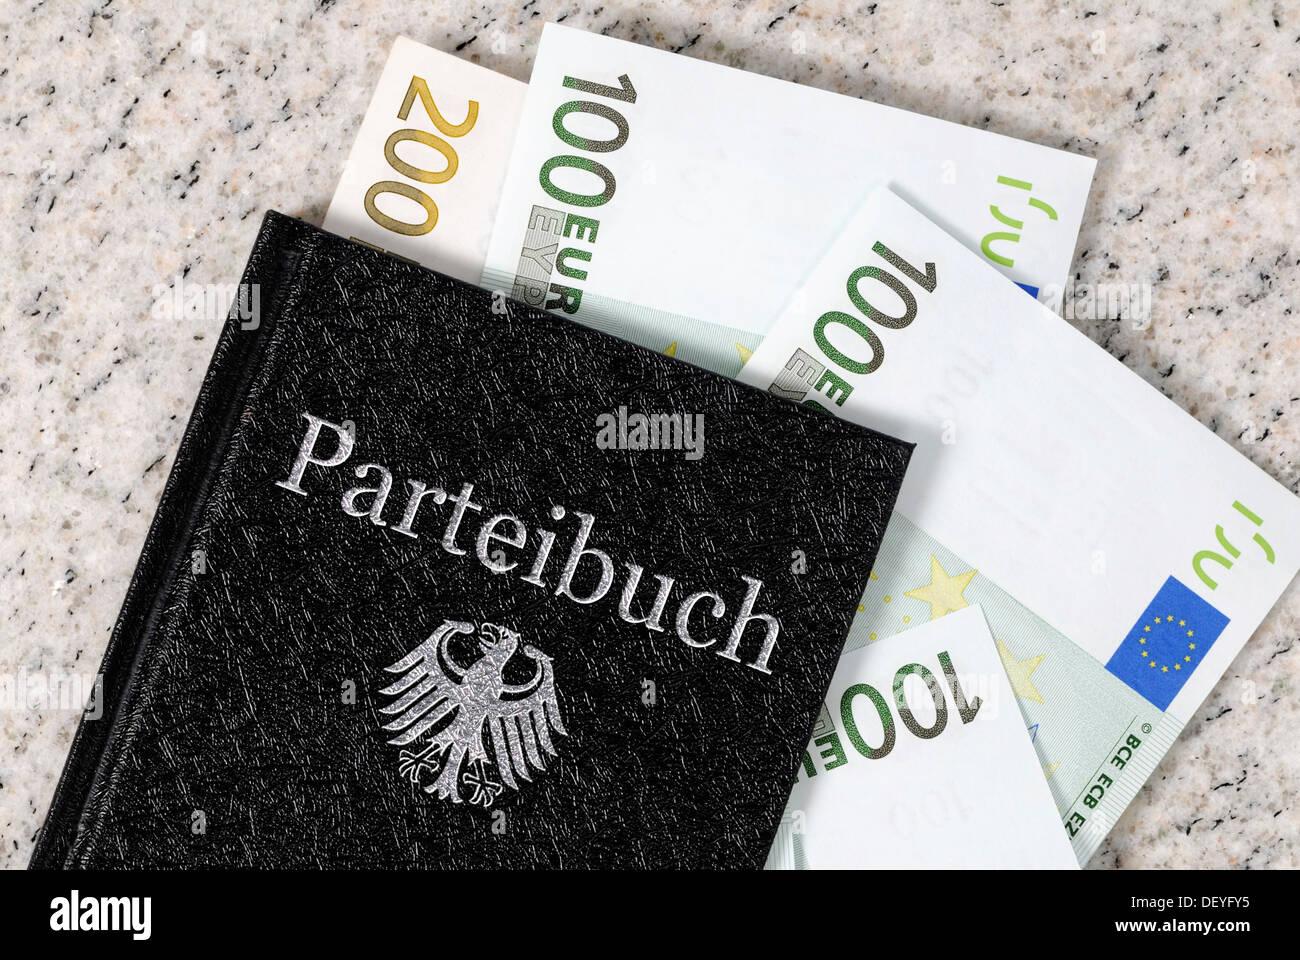 Libro de membresía partidista con billetes, imagen simbólica para los ingresos y auxiliar de políticos incom Imagen De Stock